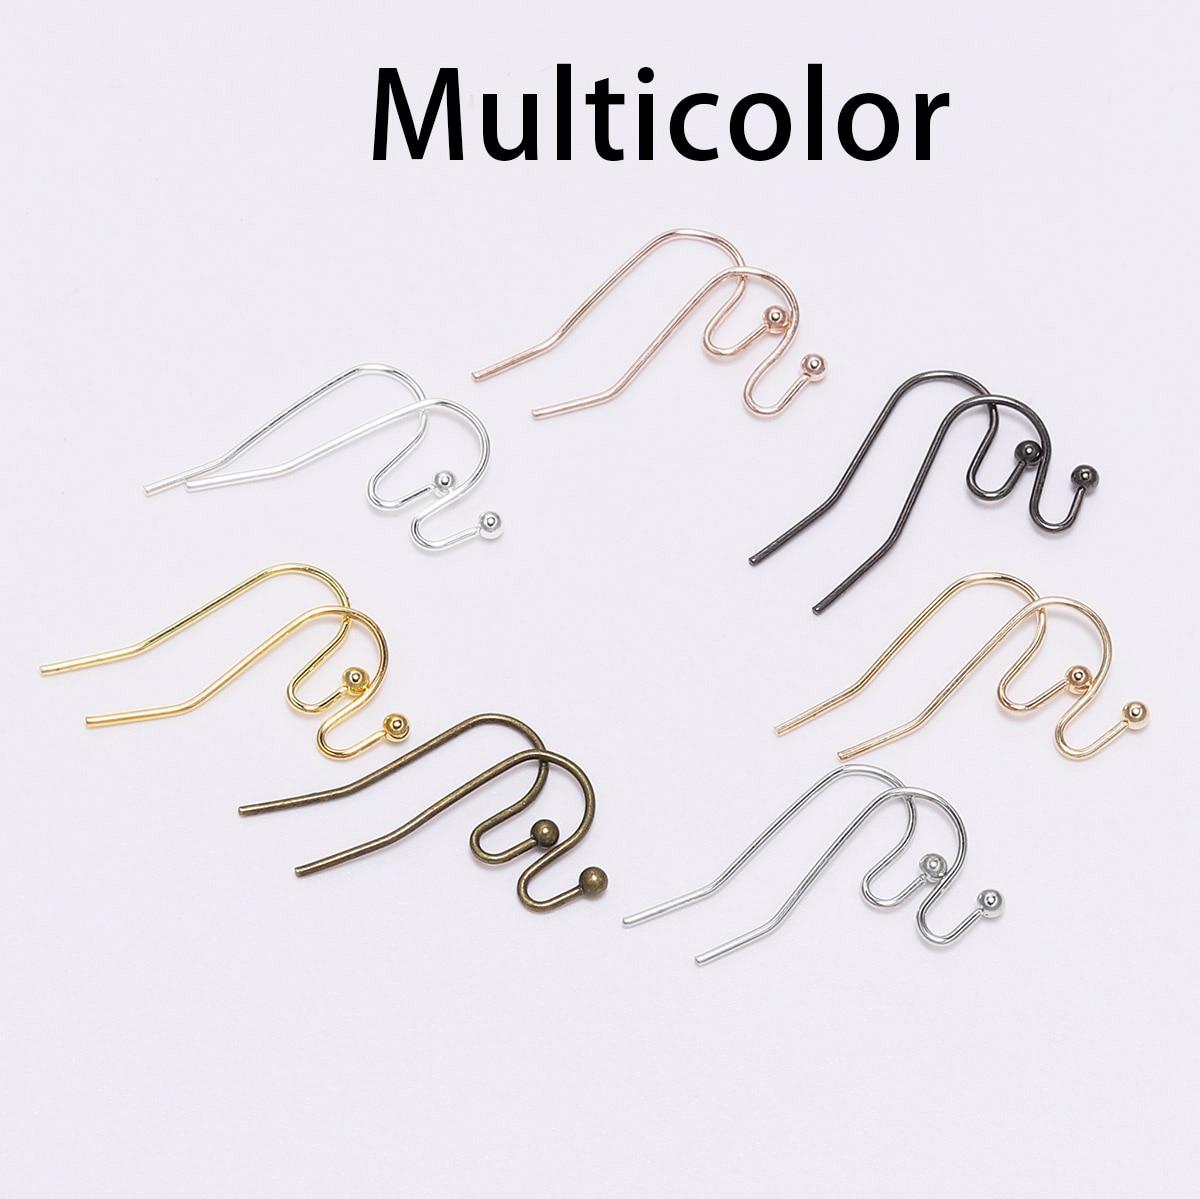 100 шт./лот, 21*16 мм, серебряные, золотые, бронзовые Крючки для сережек, застежки для самостоятельного изготовления ювелирных изделий - Цвет: Multicolor